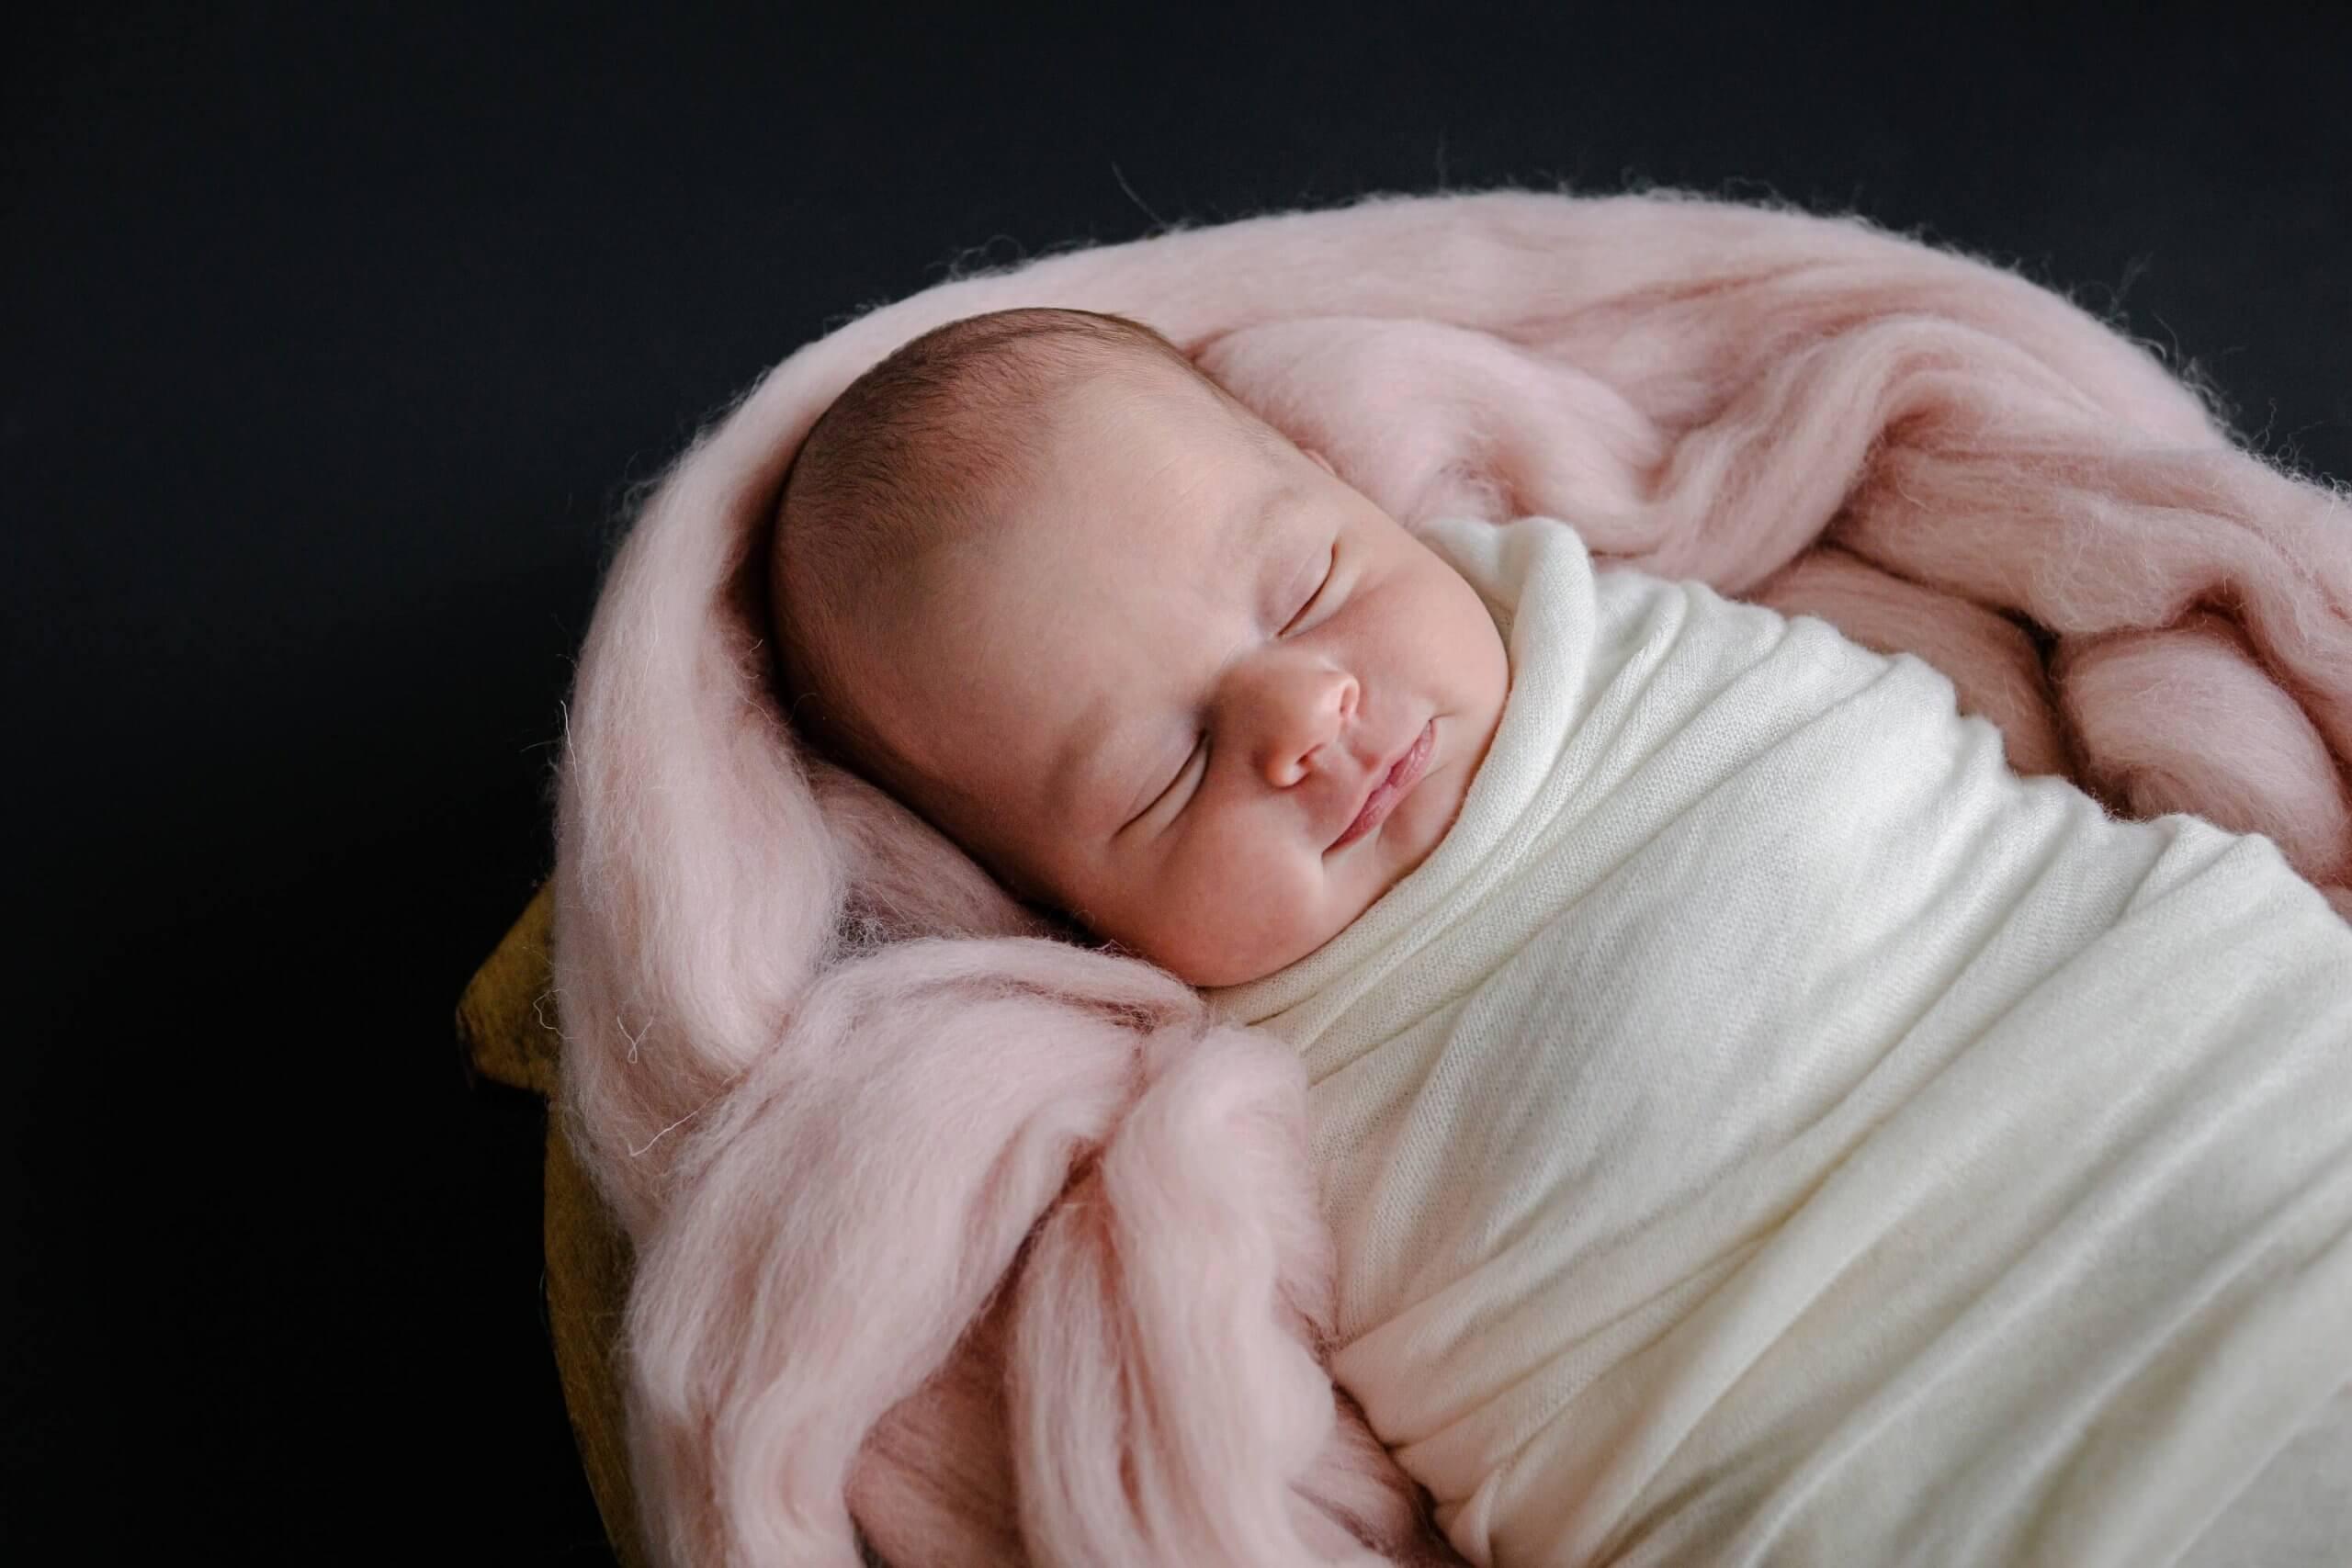 Newborn baby veenendaal portret lief zacht wol